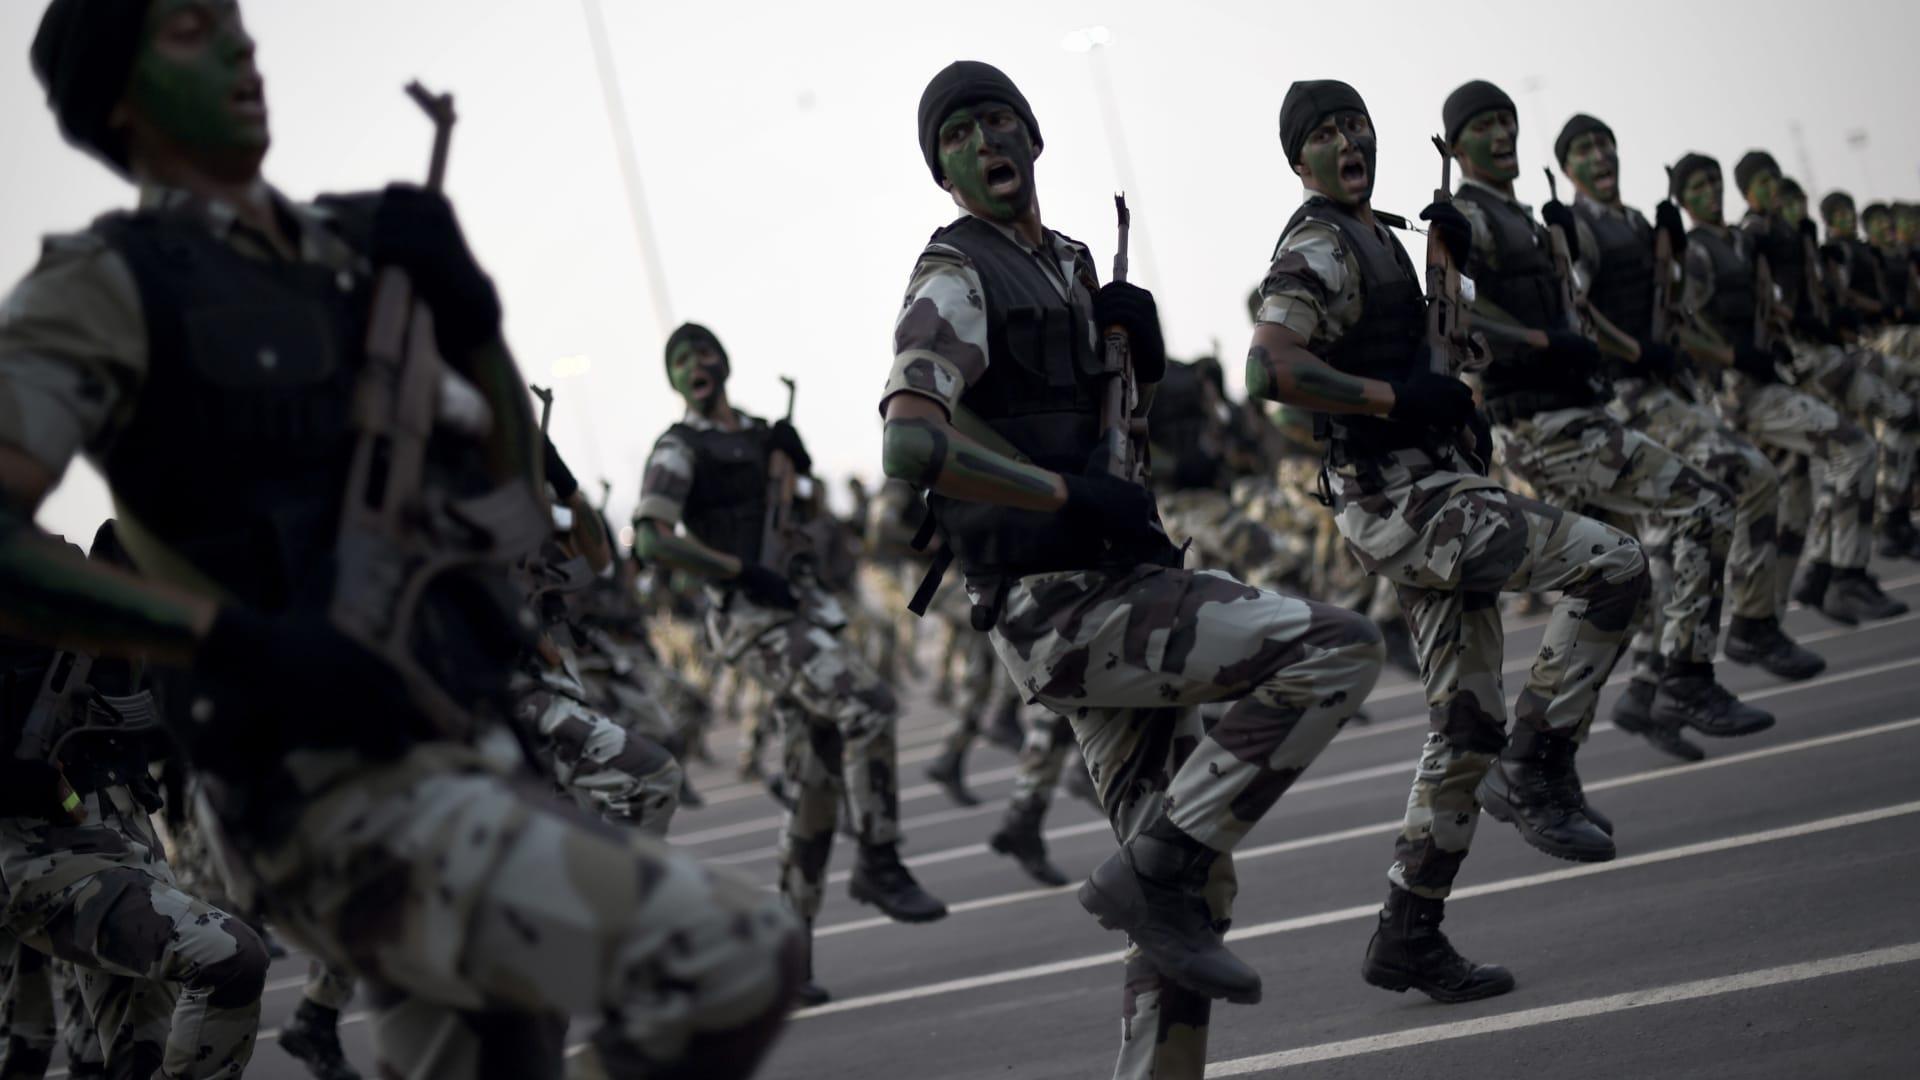 السعودية: مقتل مشتبه بالانتماء لداعش واجه الأمن في شقة مفروشة بالرياض